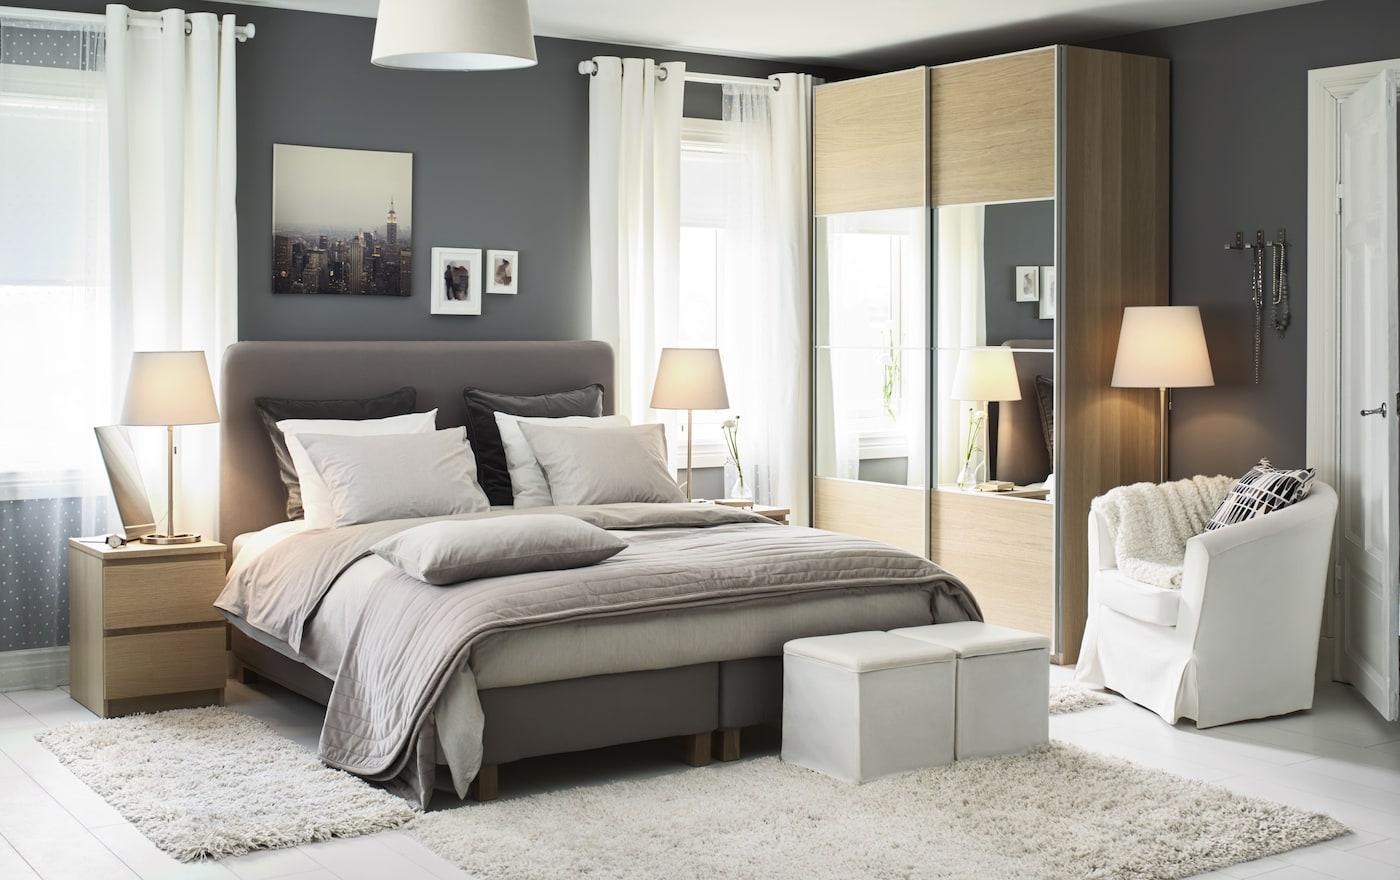 Уютная спальня: двуспальная кровать, тумбочки по обе стороны, с ночниками на них, в углу комнаты - шкаф с зеркалами. Над изголовьем висят несколько картин: на самой большой - урбанистический пейзаж, на той, что меньше - мужской силуэт в строгом костюме рядом с креслом, а на самой маленькой - человек.